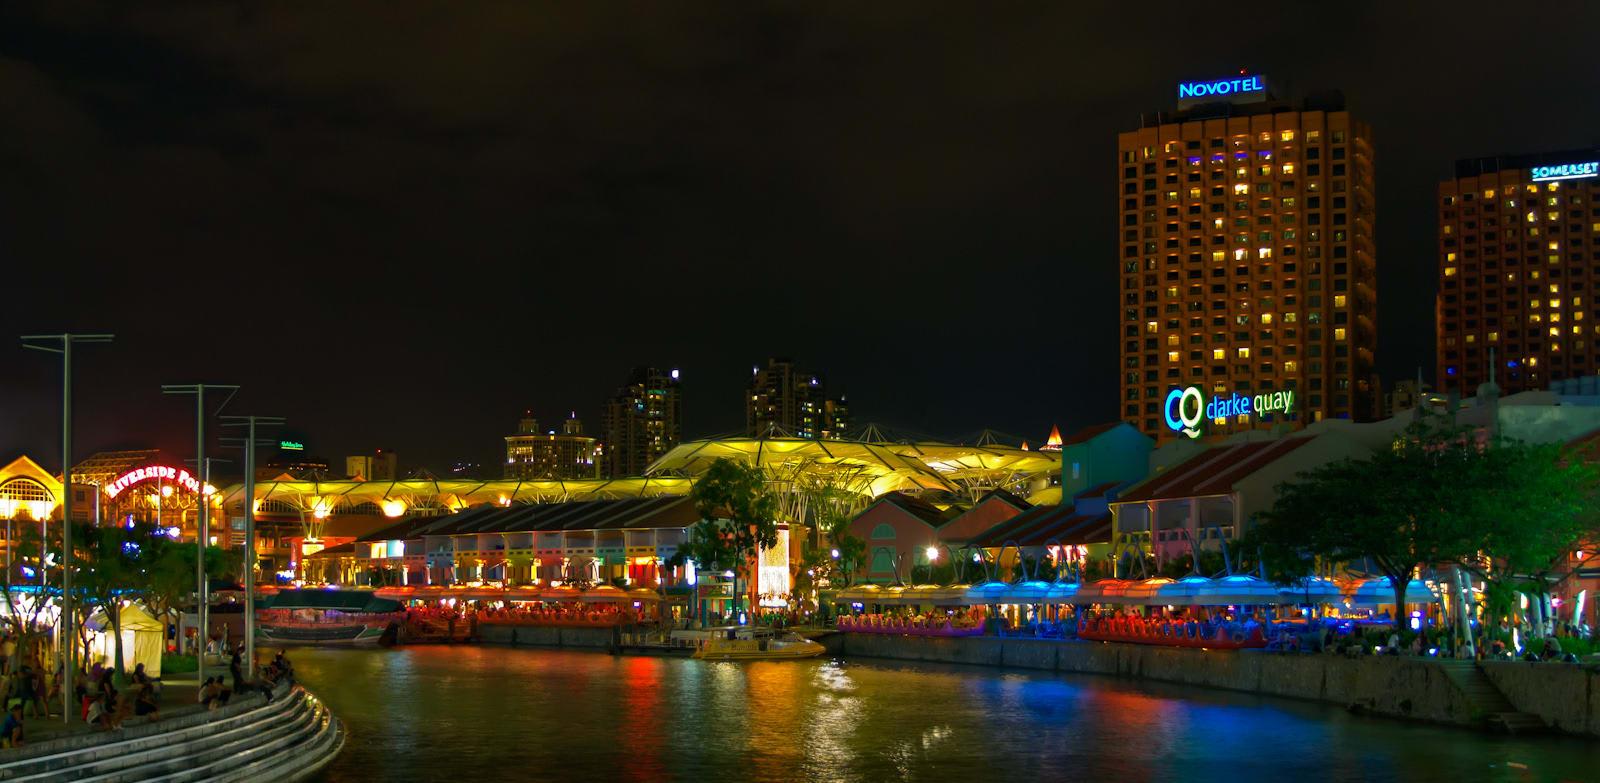 river quay là một trong những điểm đến ở singapore cho hội độc thân